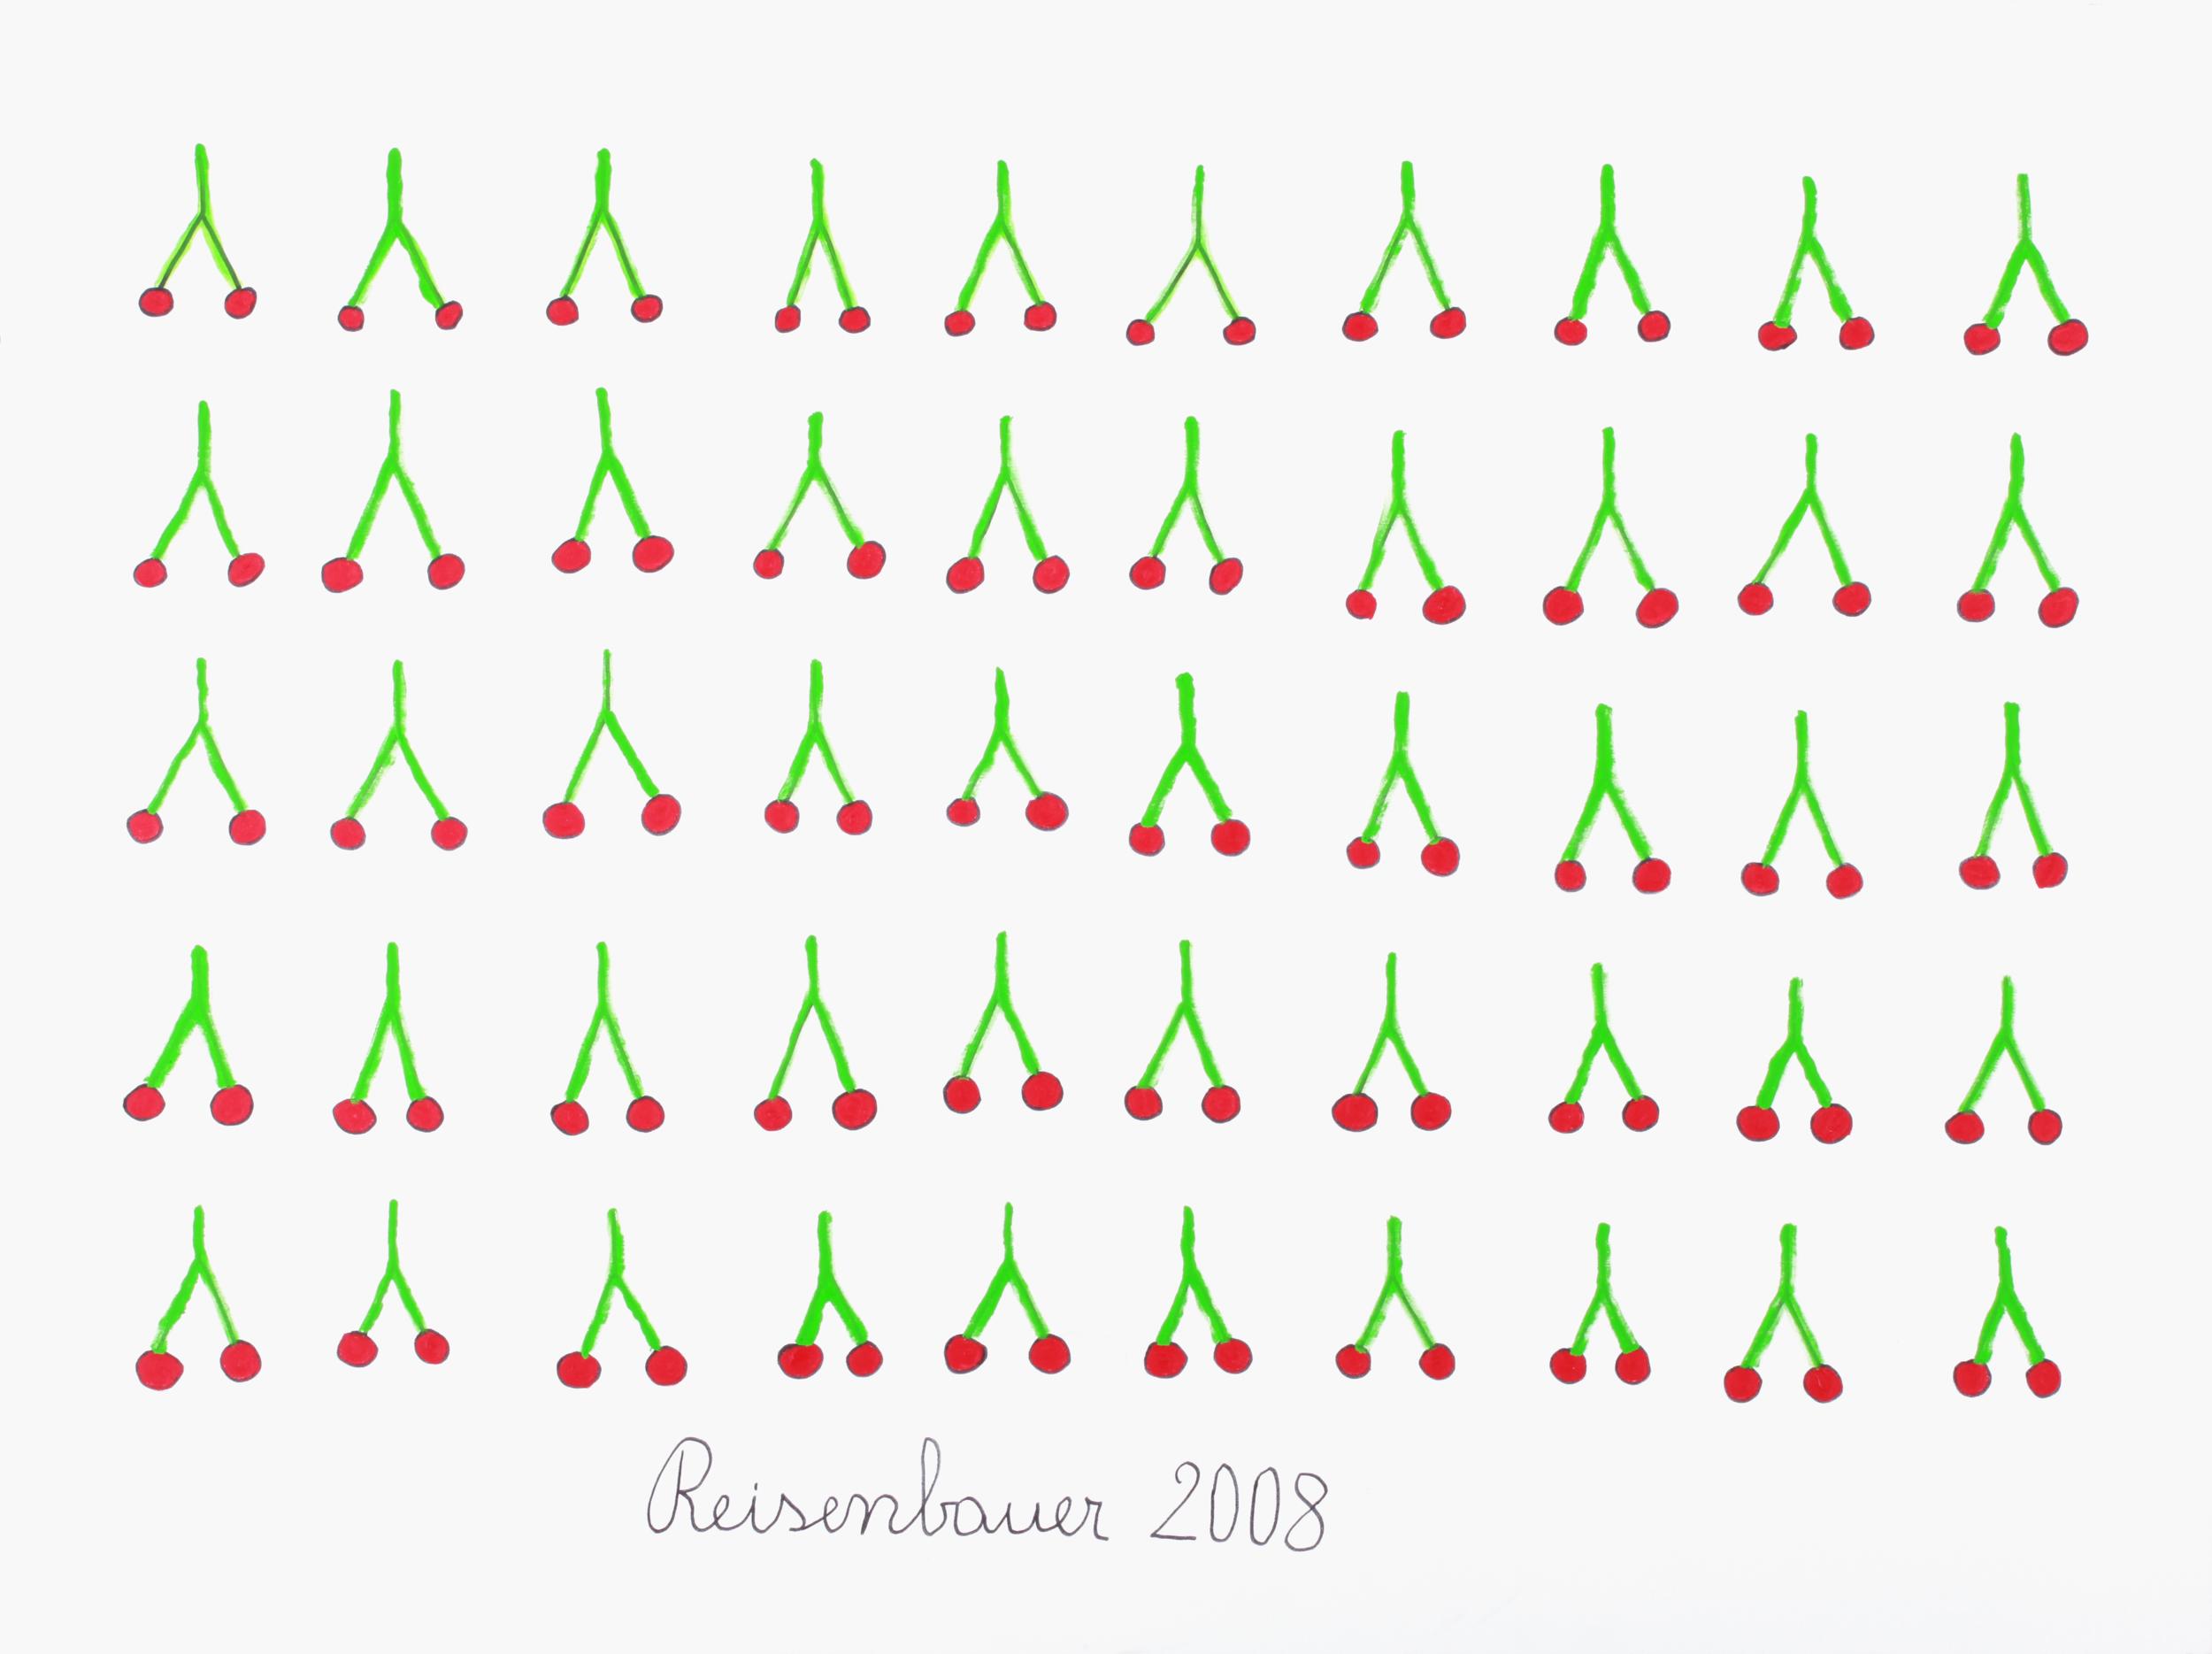 reisenbauer heinrich - Kirschen / Cherries